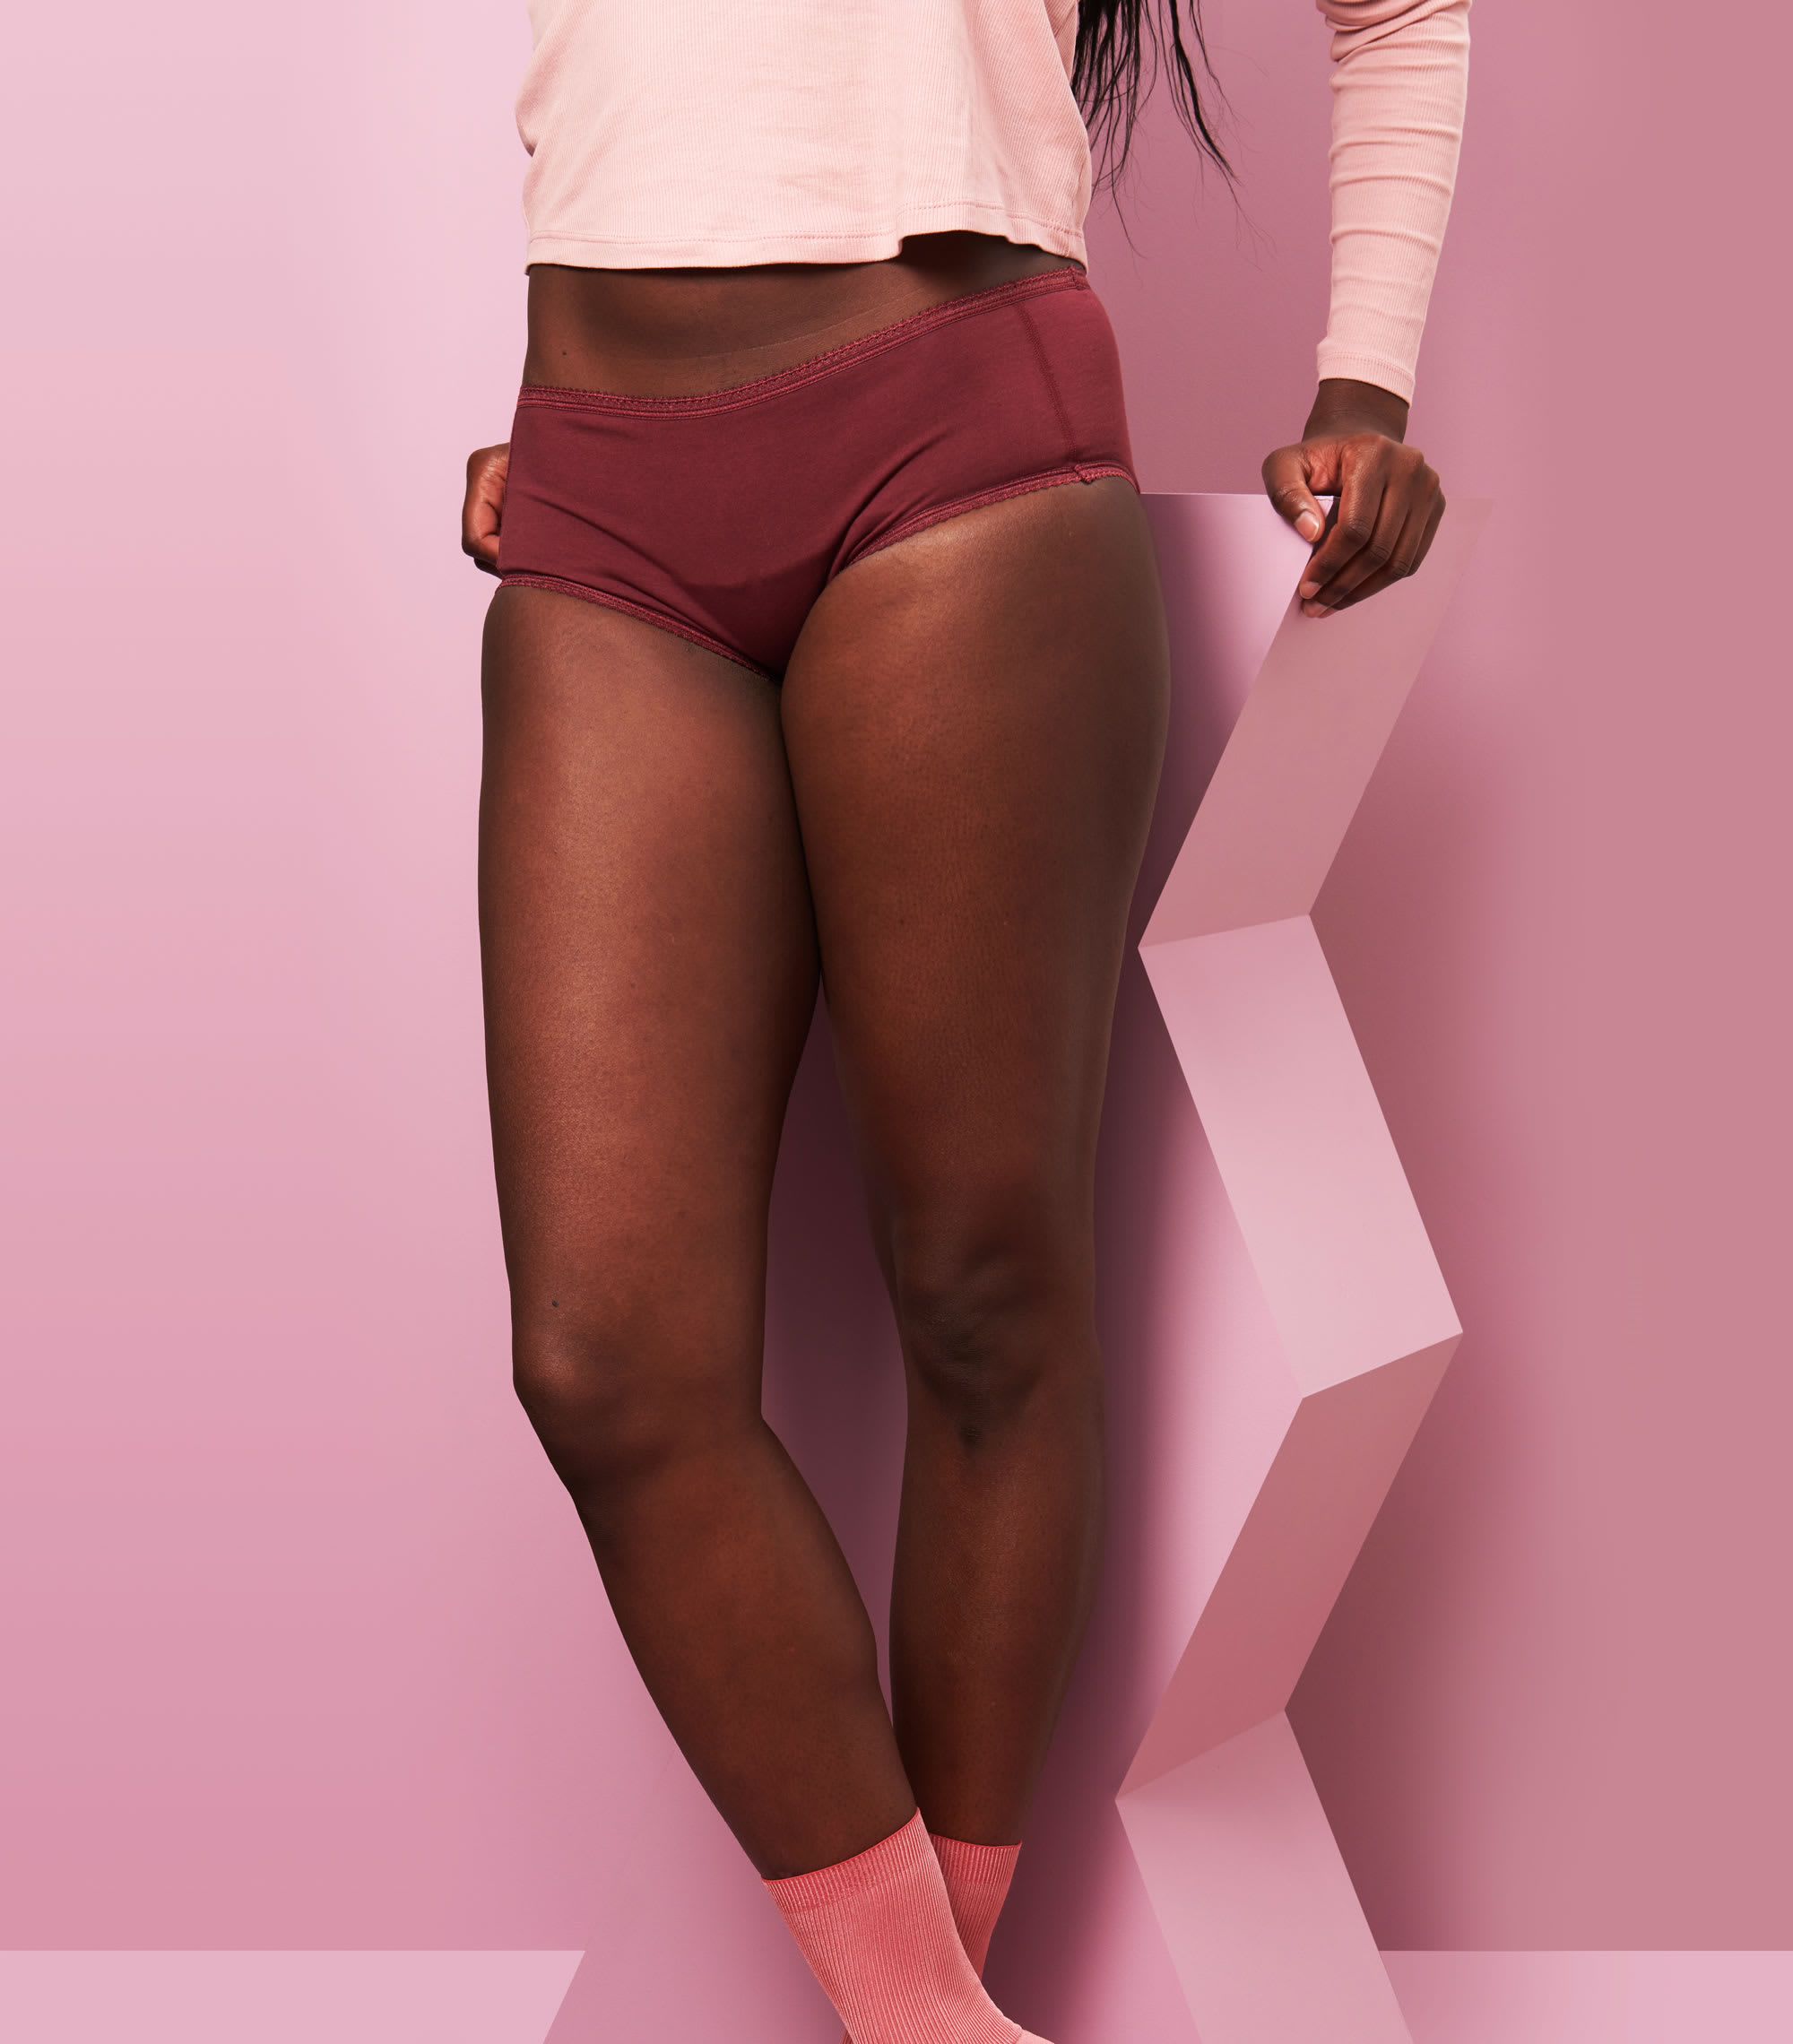 shorty menstruel uni bordeaux taille M pour flux normal - adossée